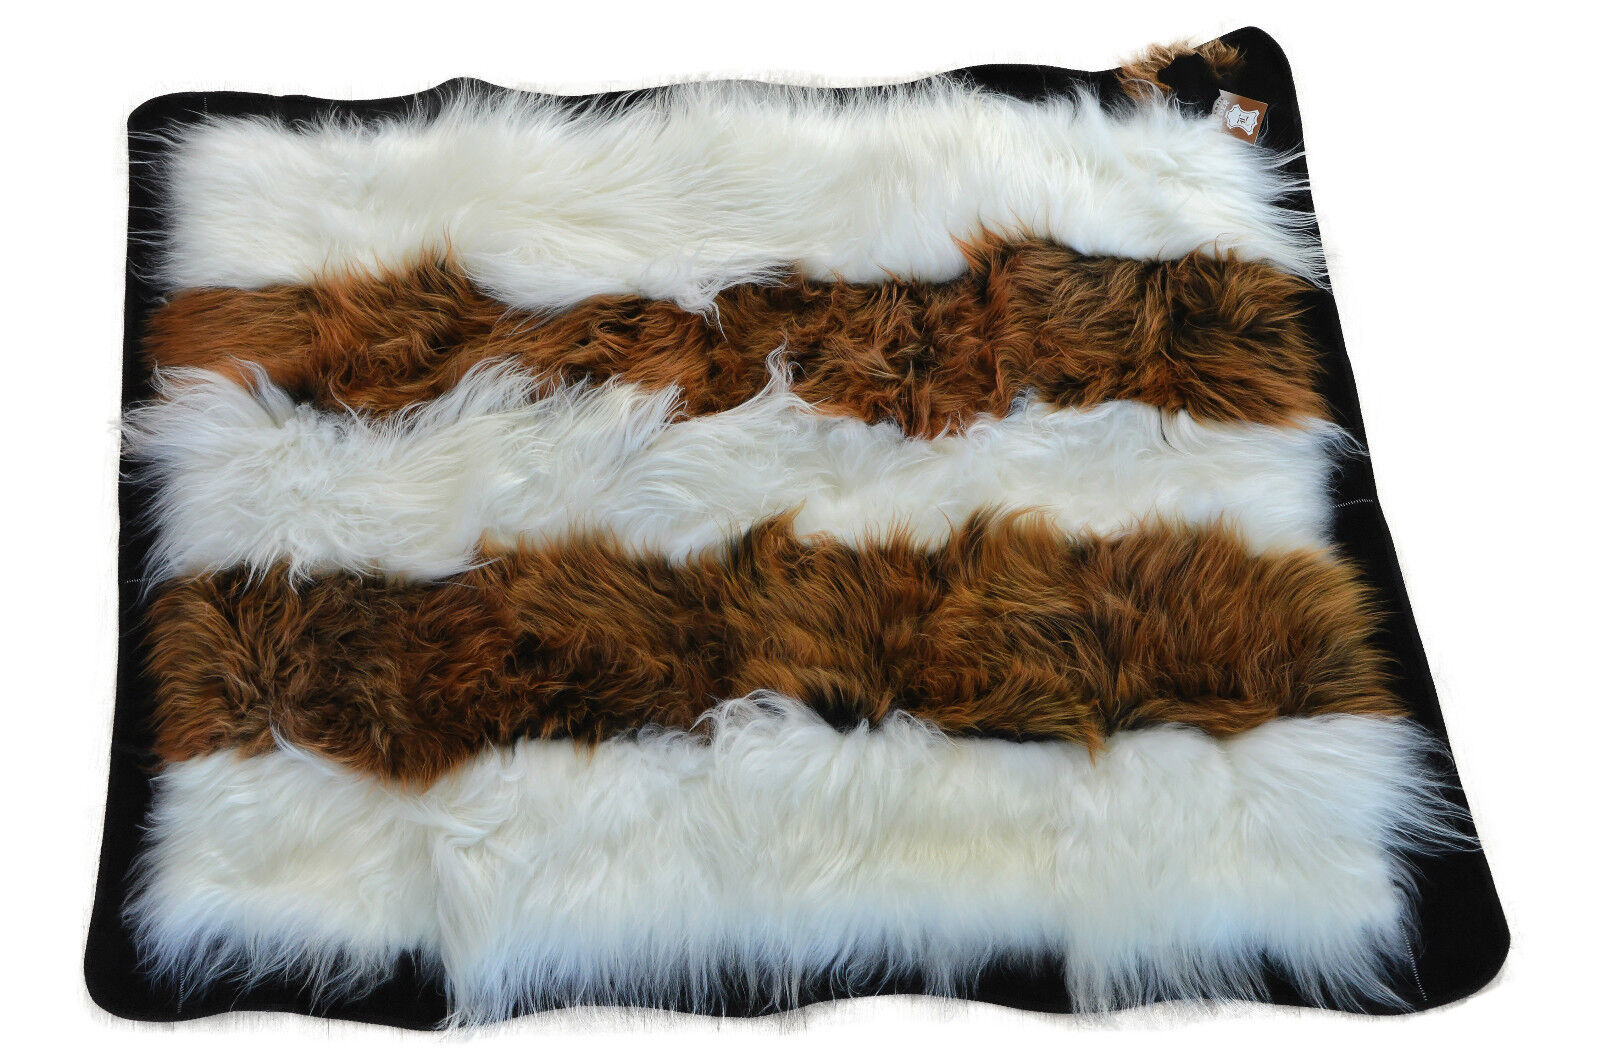 In esclusiva Islanda Agnello Tappeto 150x120 cm Tappeto Pelliccia alfiere alfiere alfiere Pecora Pelle 45e7d5